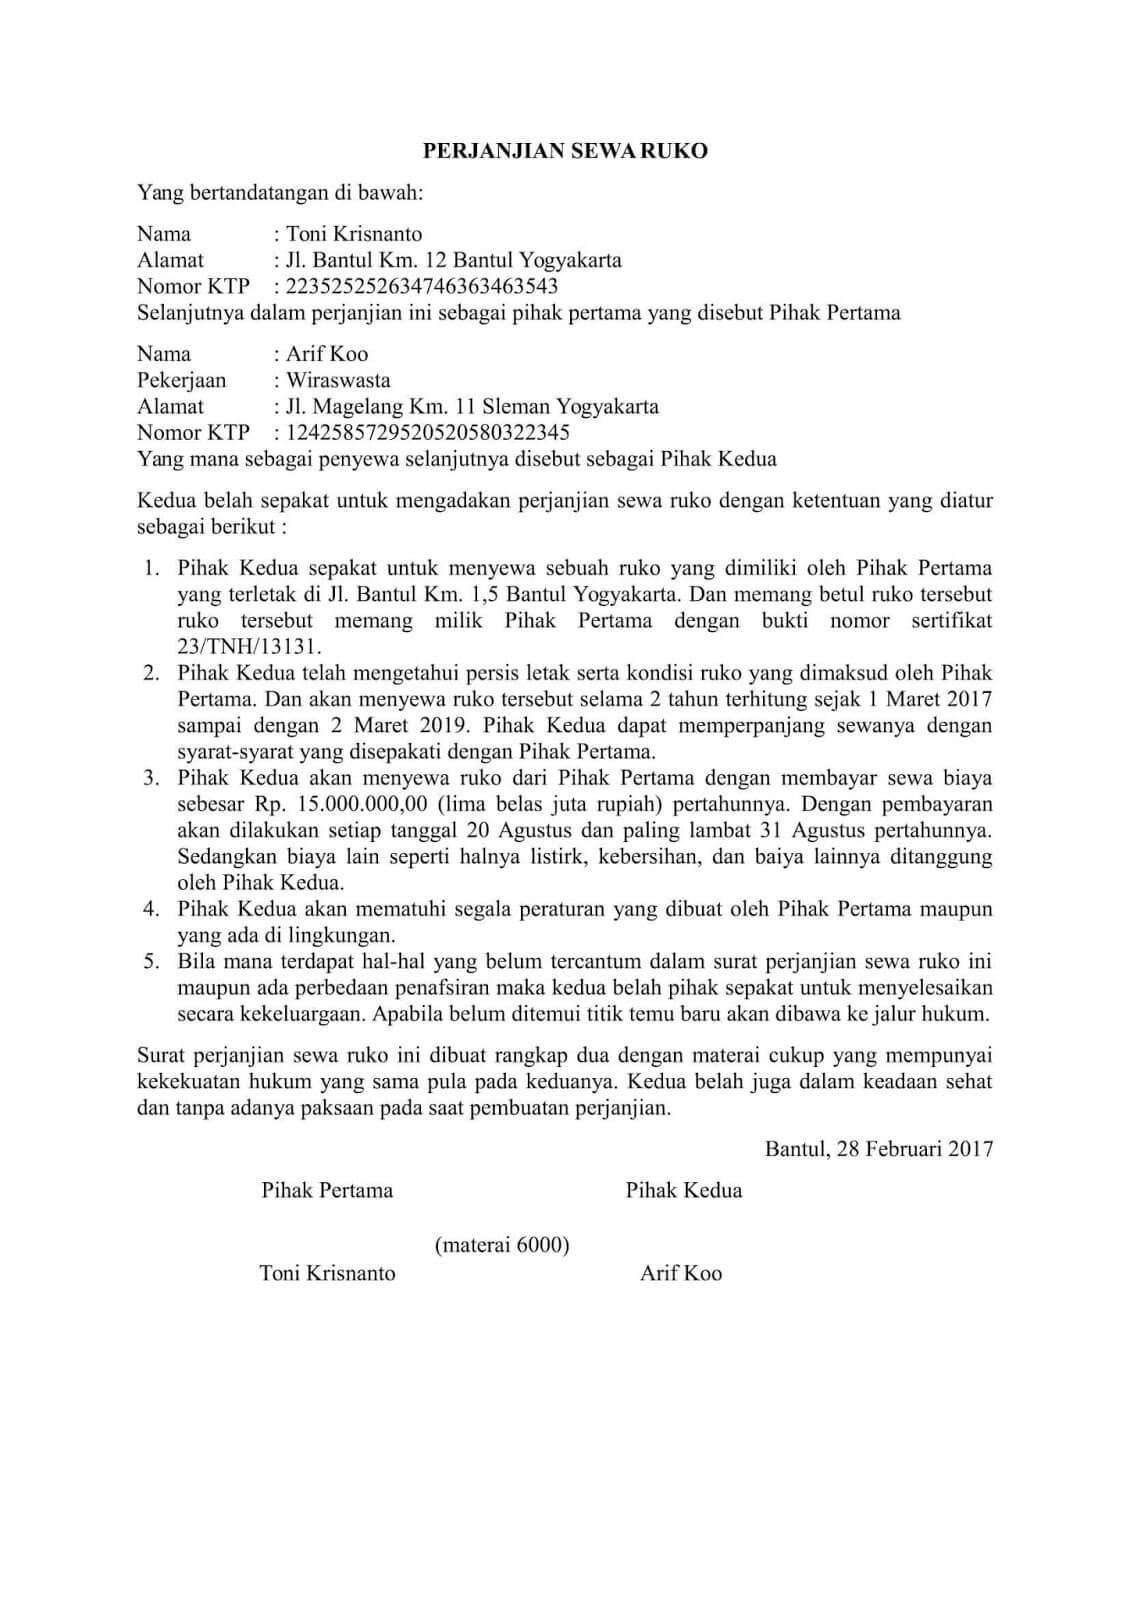 8 Contoh Surat Perjanjian Sewa Ruko Kios Di Pasar Tempat Usaha Pdf Docx Contoh Surat